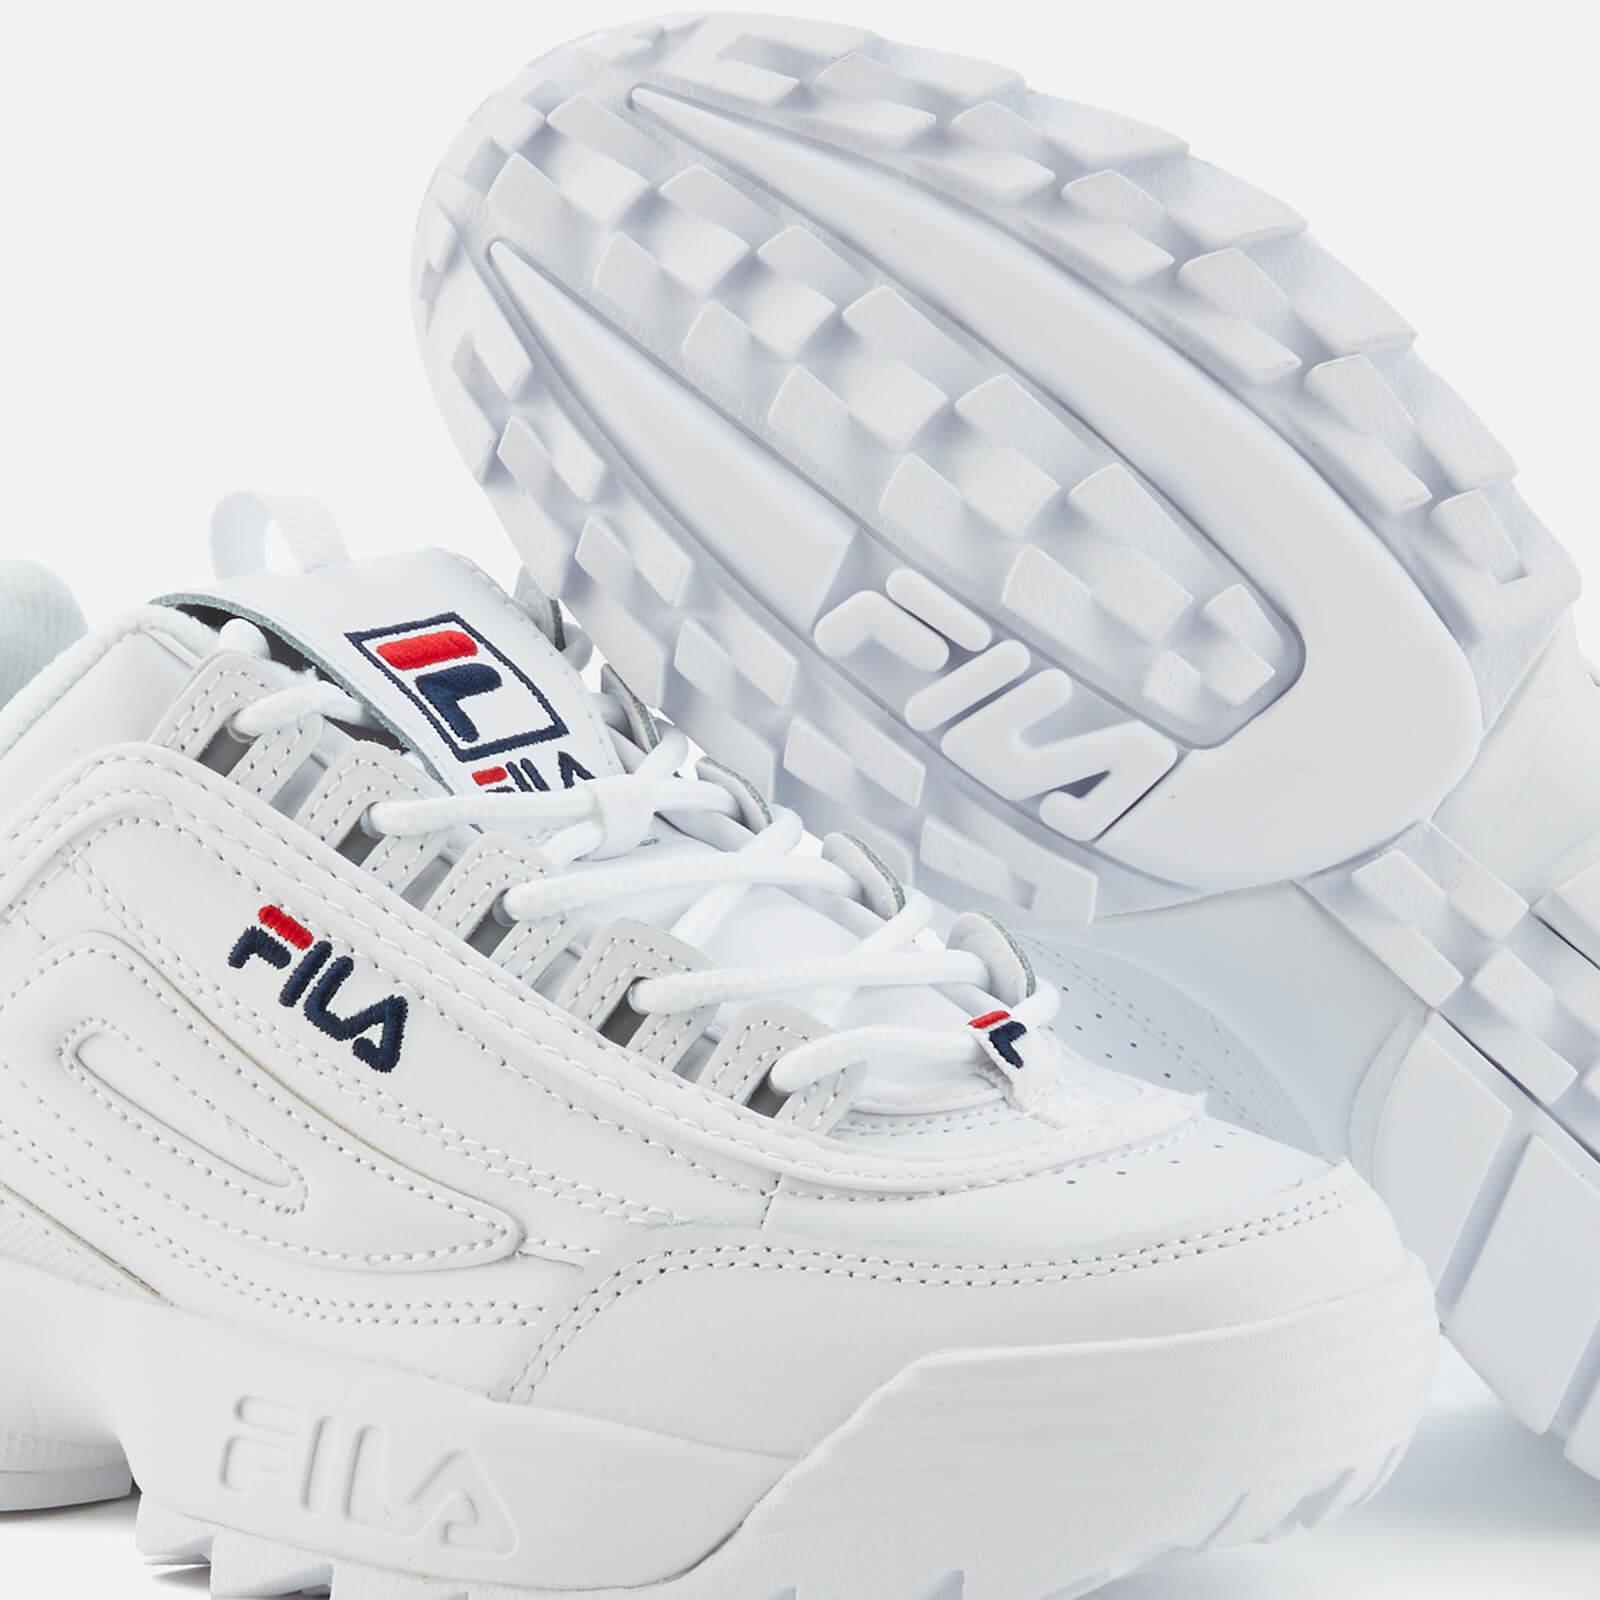 bdf3c6c746e0 Lyst - Fila Disruptor 3 Premium Trainers in White for Men